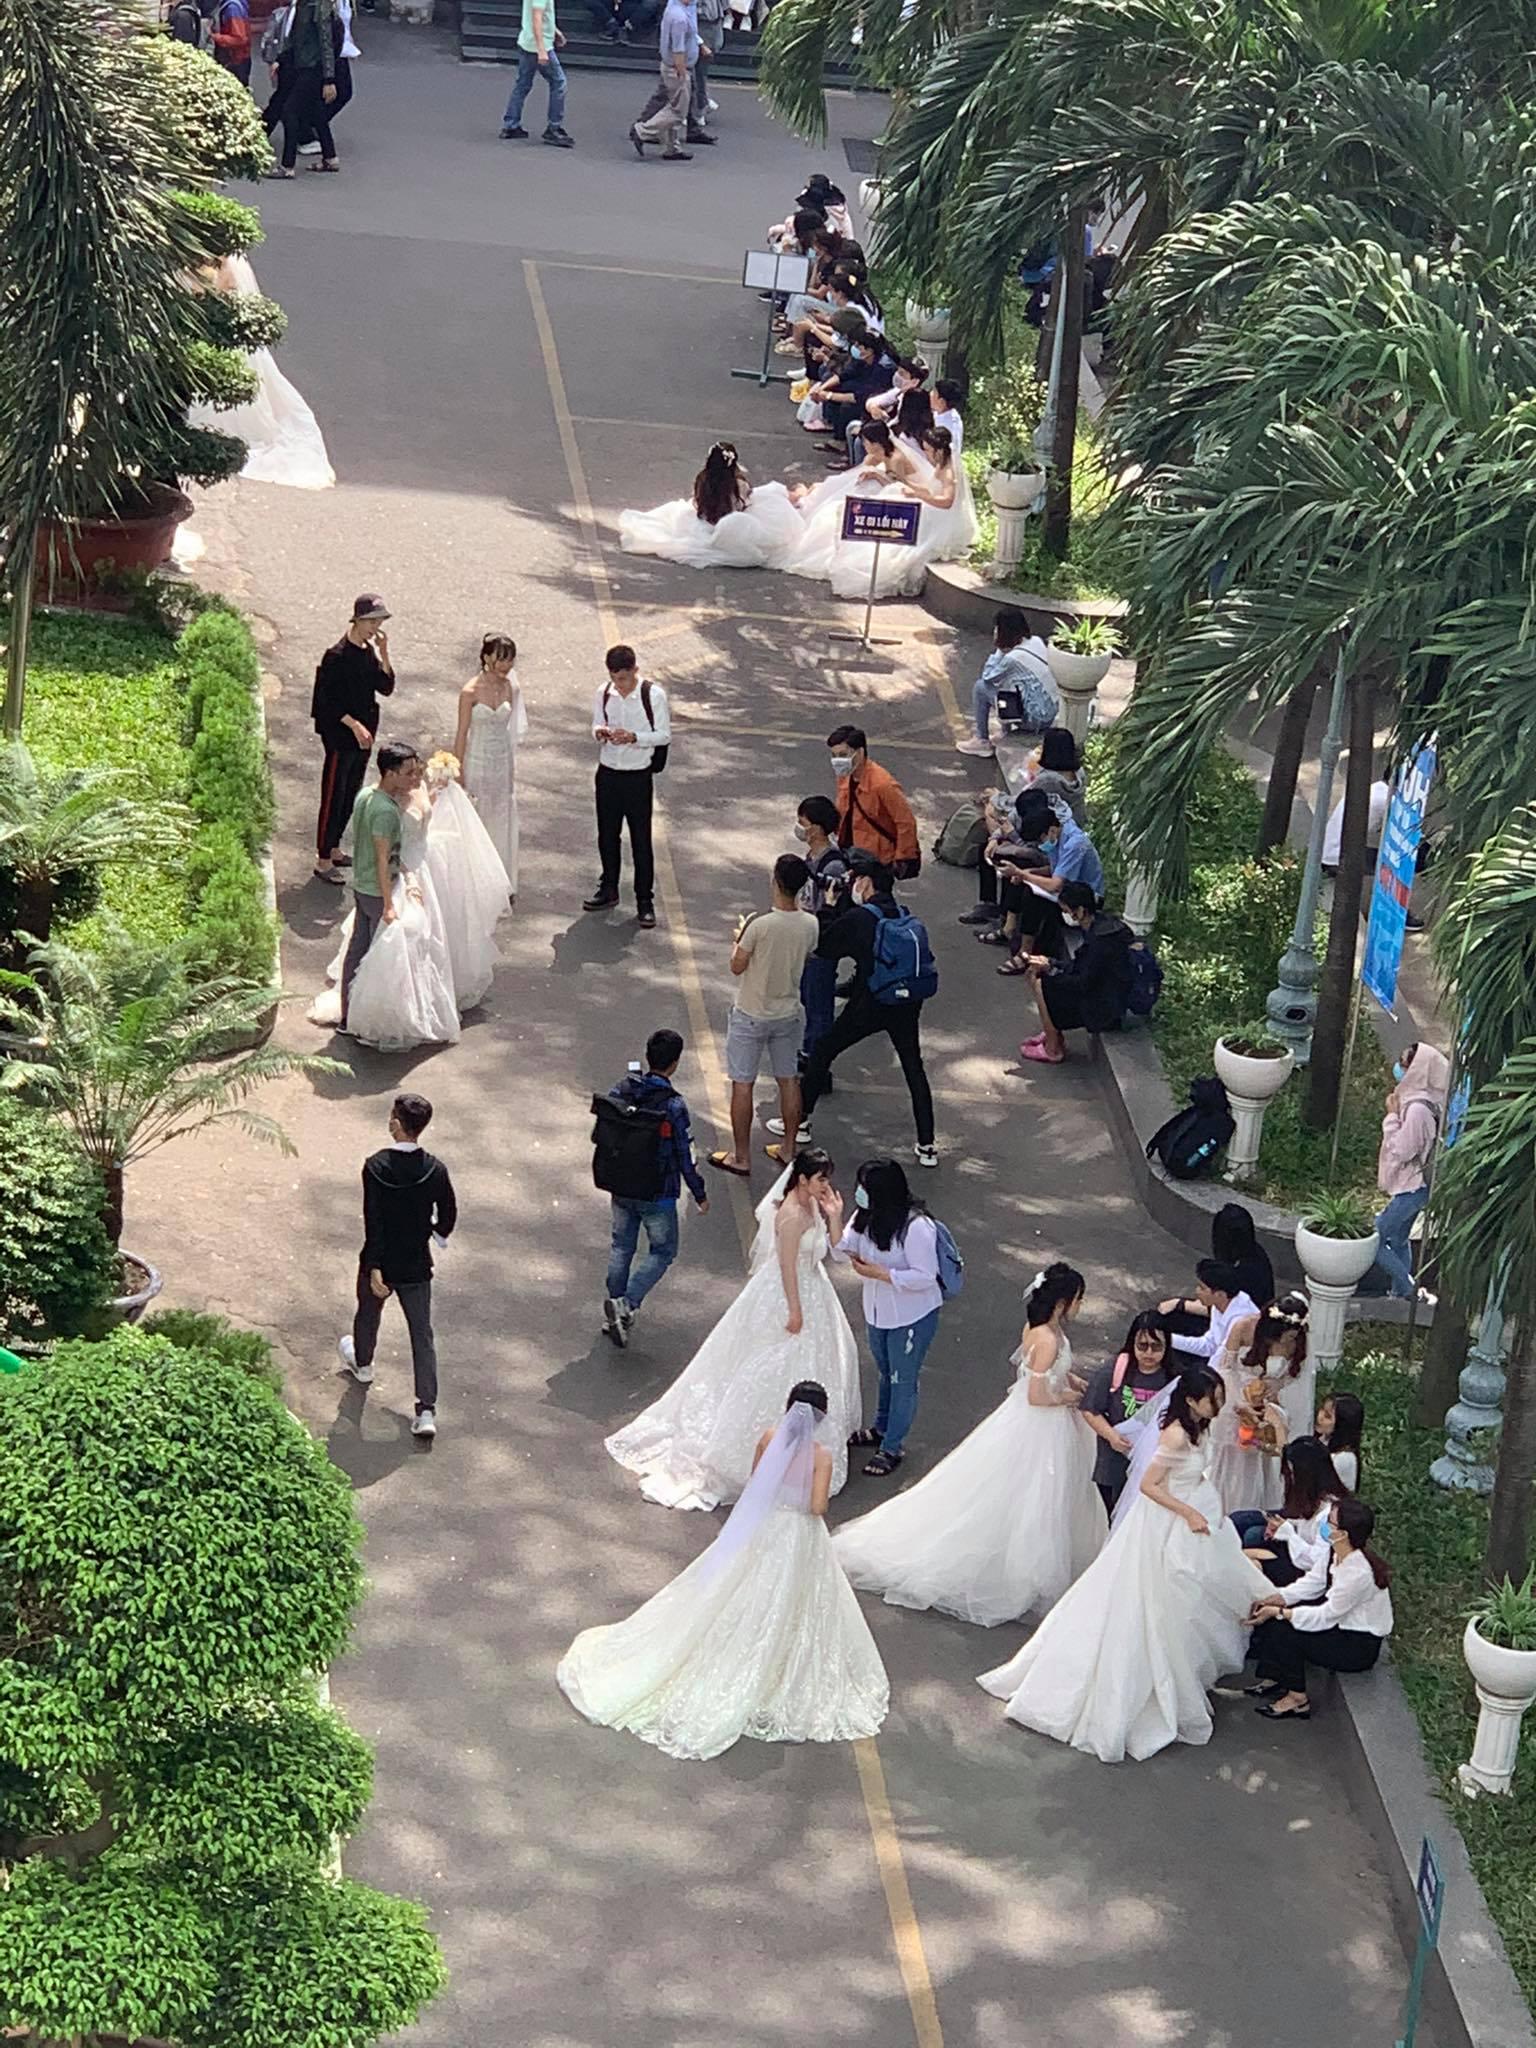 Trường ĐH xuất hiện hàng loạt nữ sinh mặc váy cưới, dân tình rủ nhau lập team đến để được phát cô dâu - Ảnh 2.